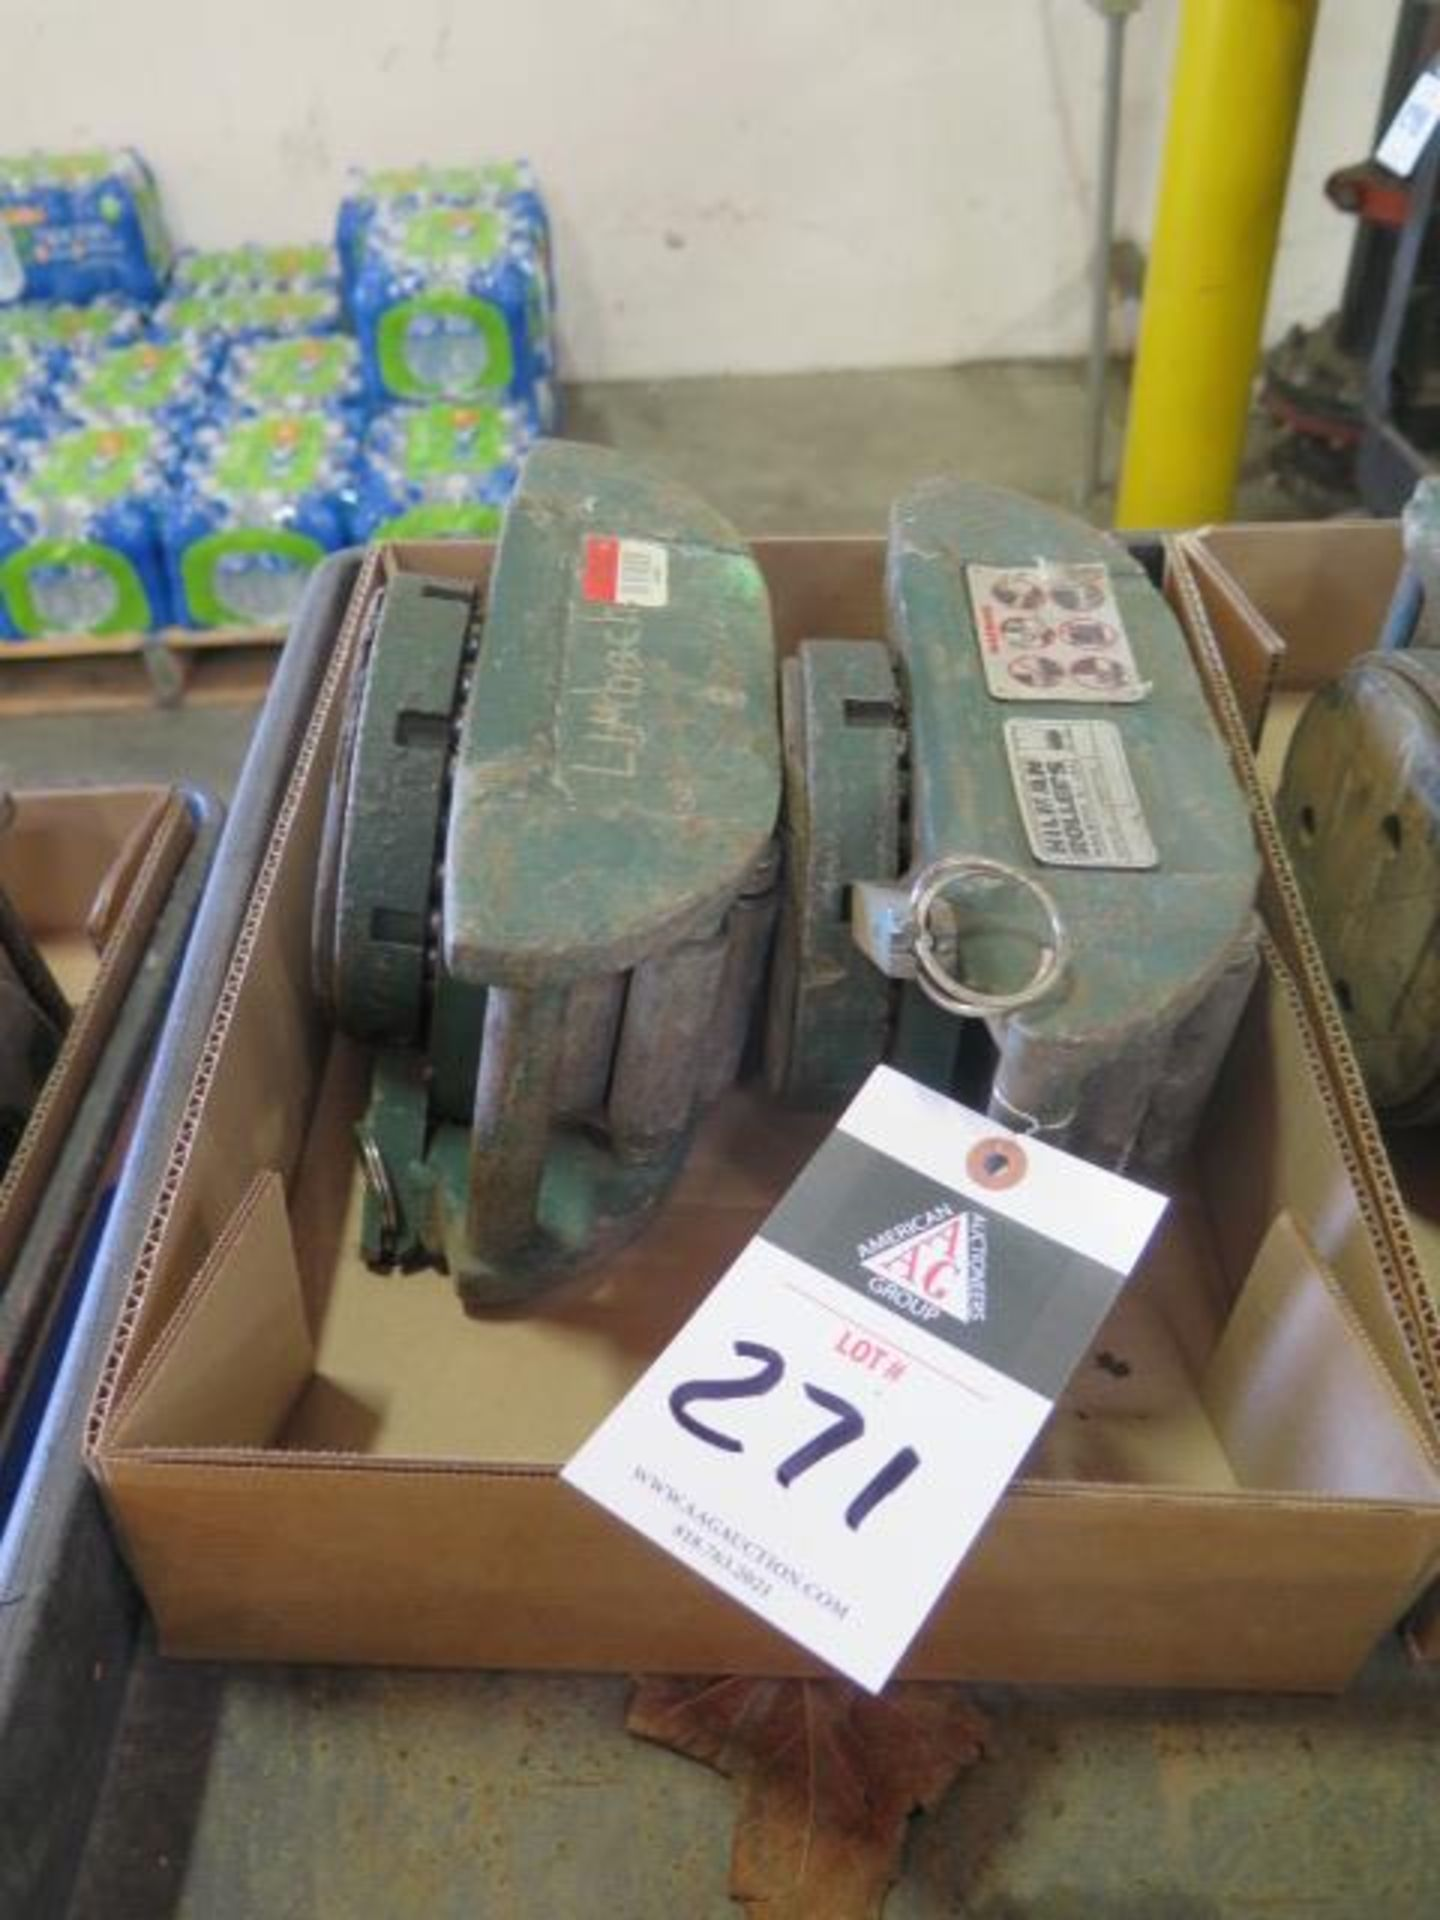 Hilman Machinery Dolleys (2) w/ Steering Bar (SOLD AS-IS - NO WARRANTY)